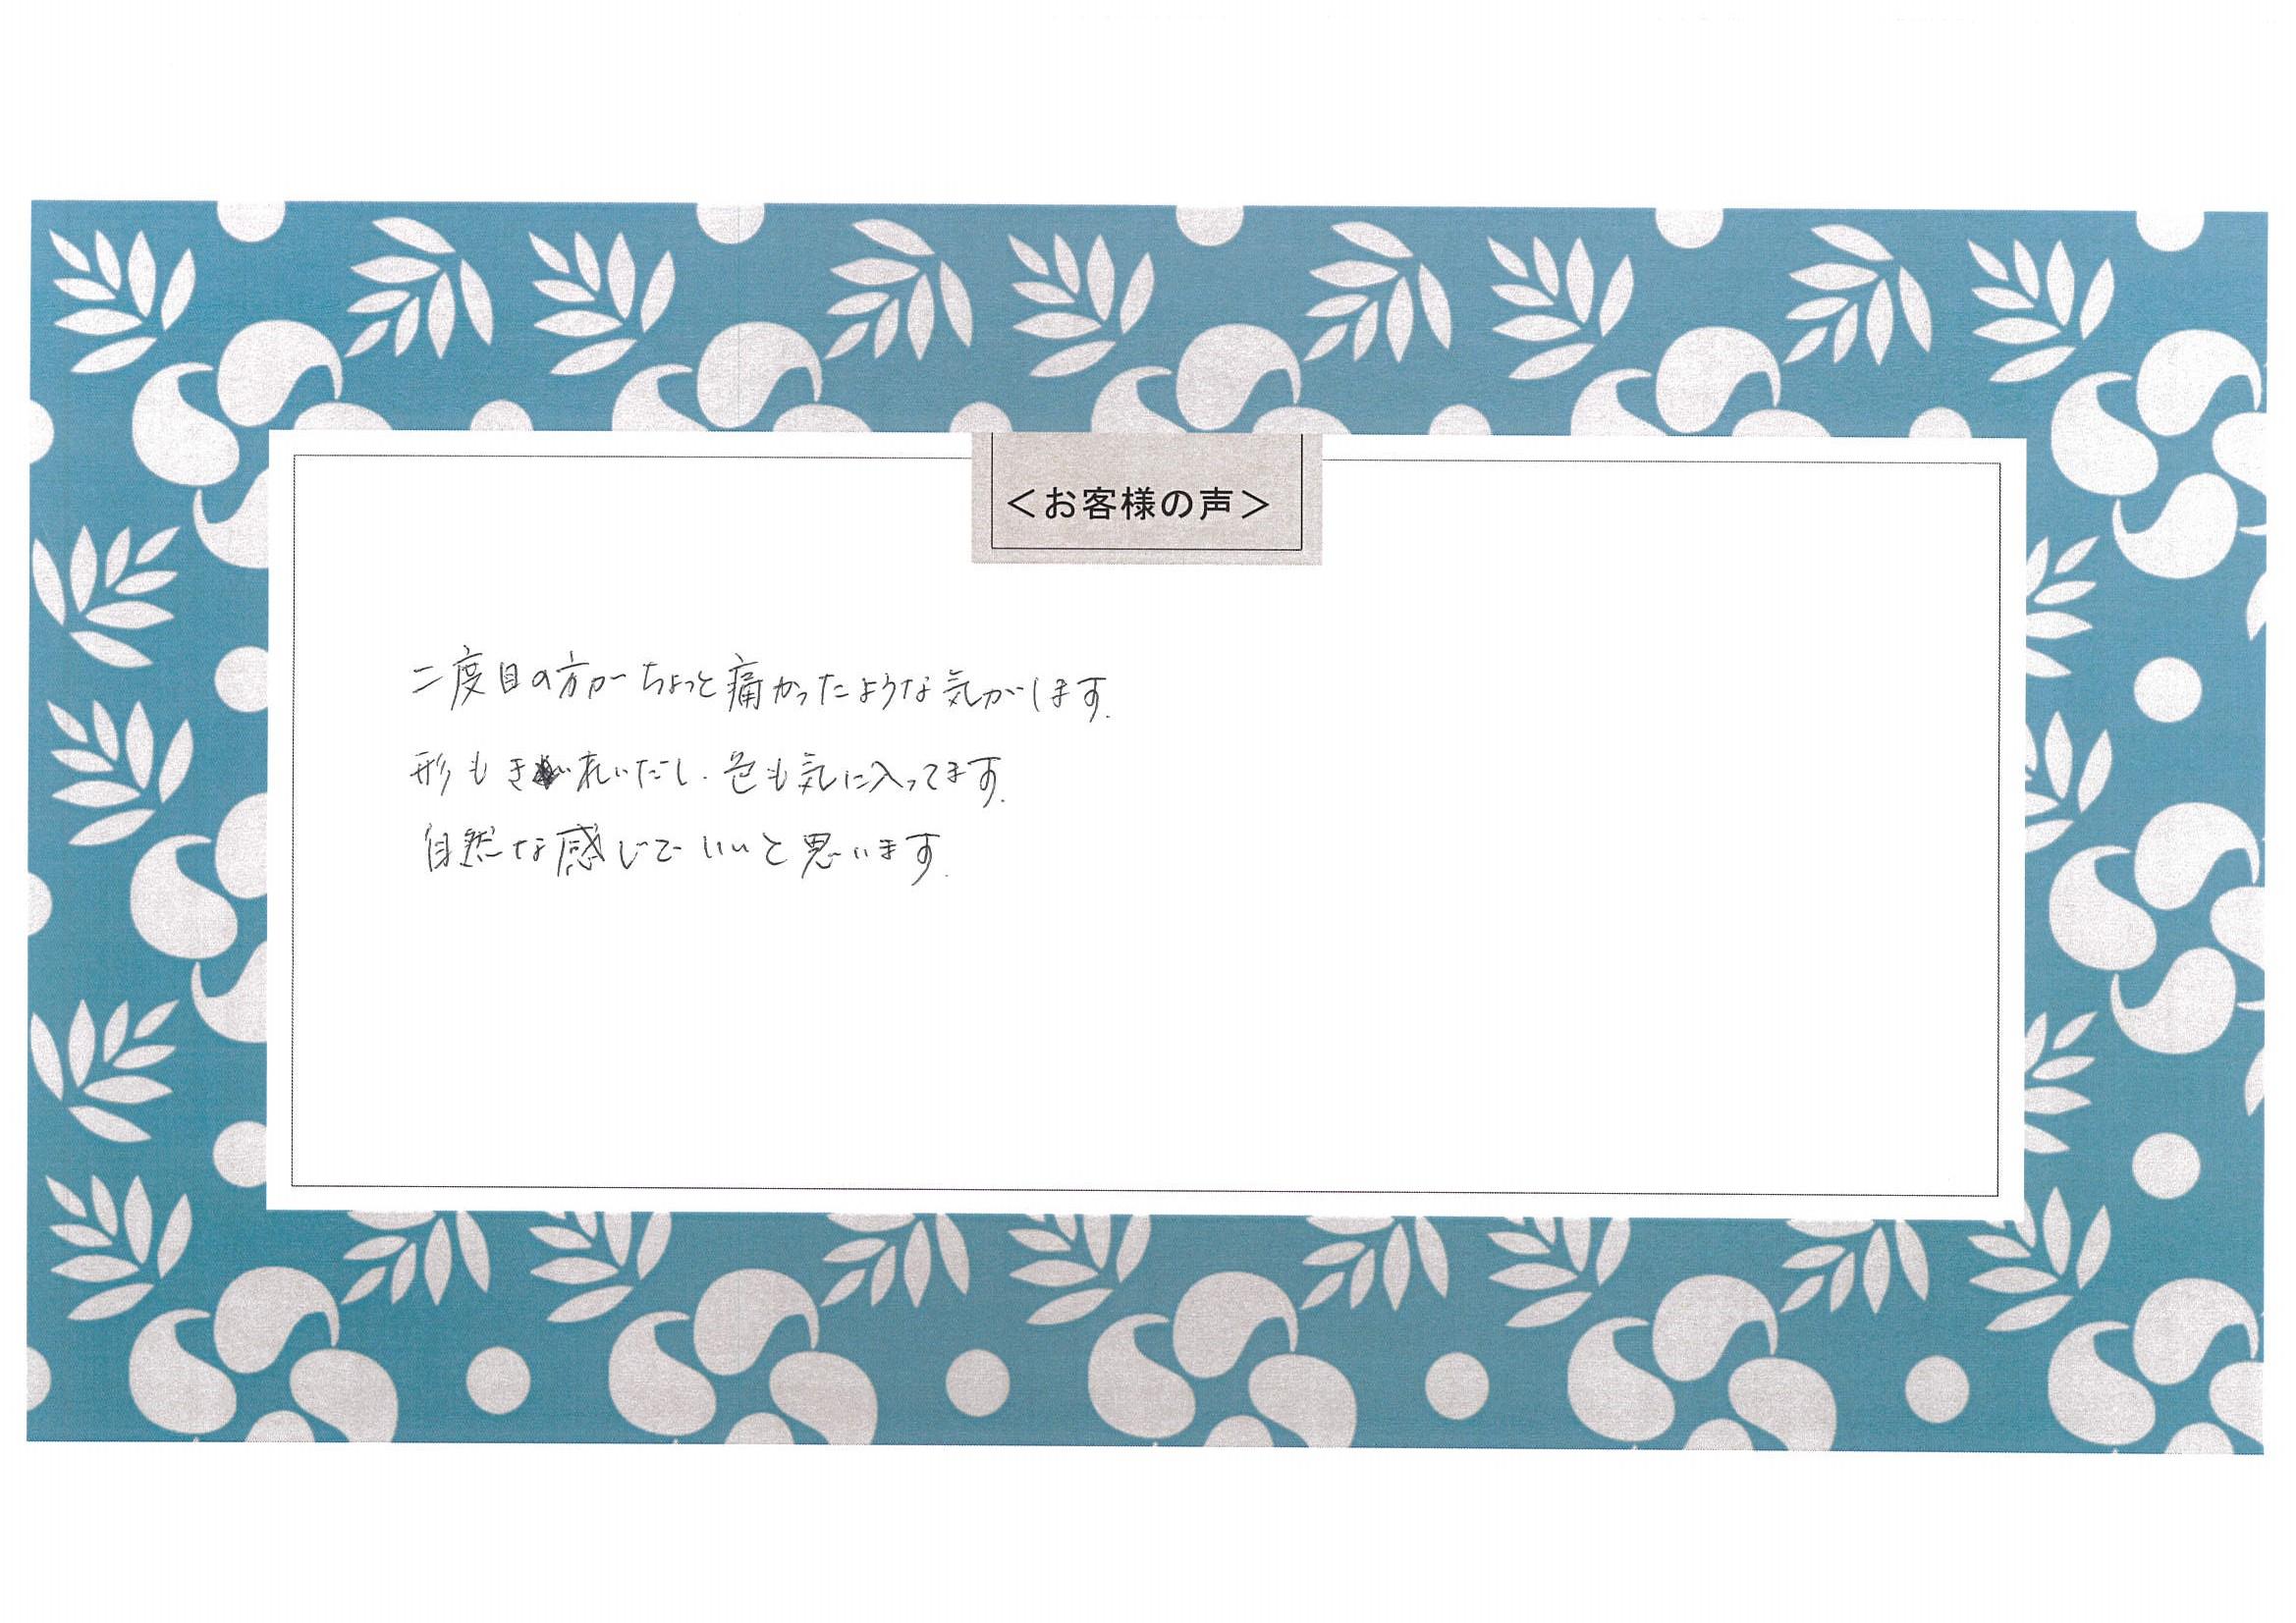 アートメイク アンケート 口コミ 渋谷の森クリニック